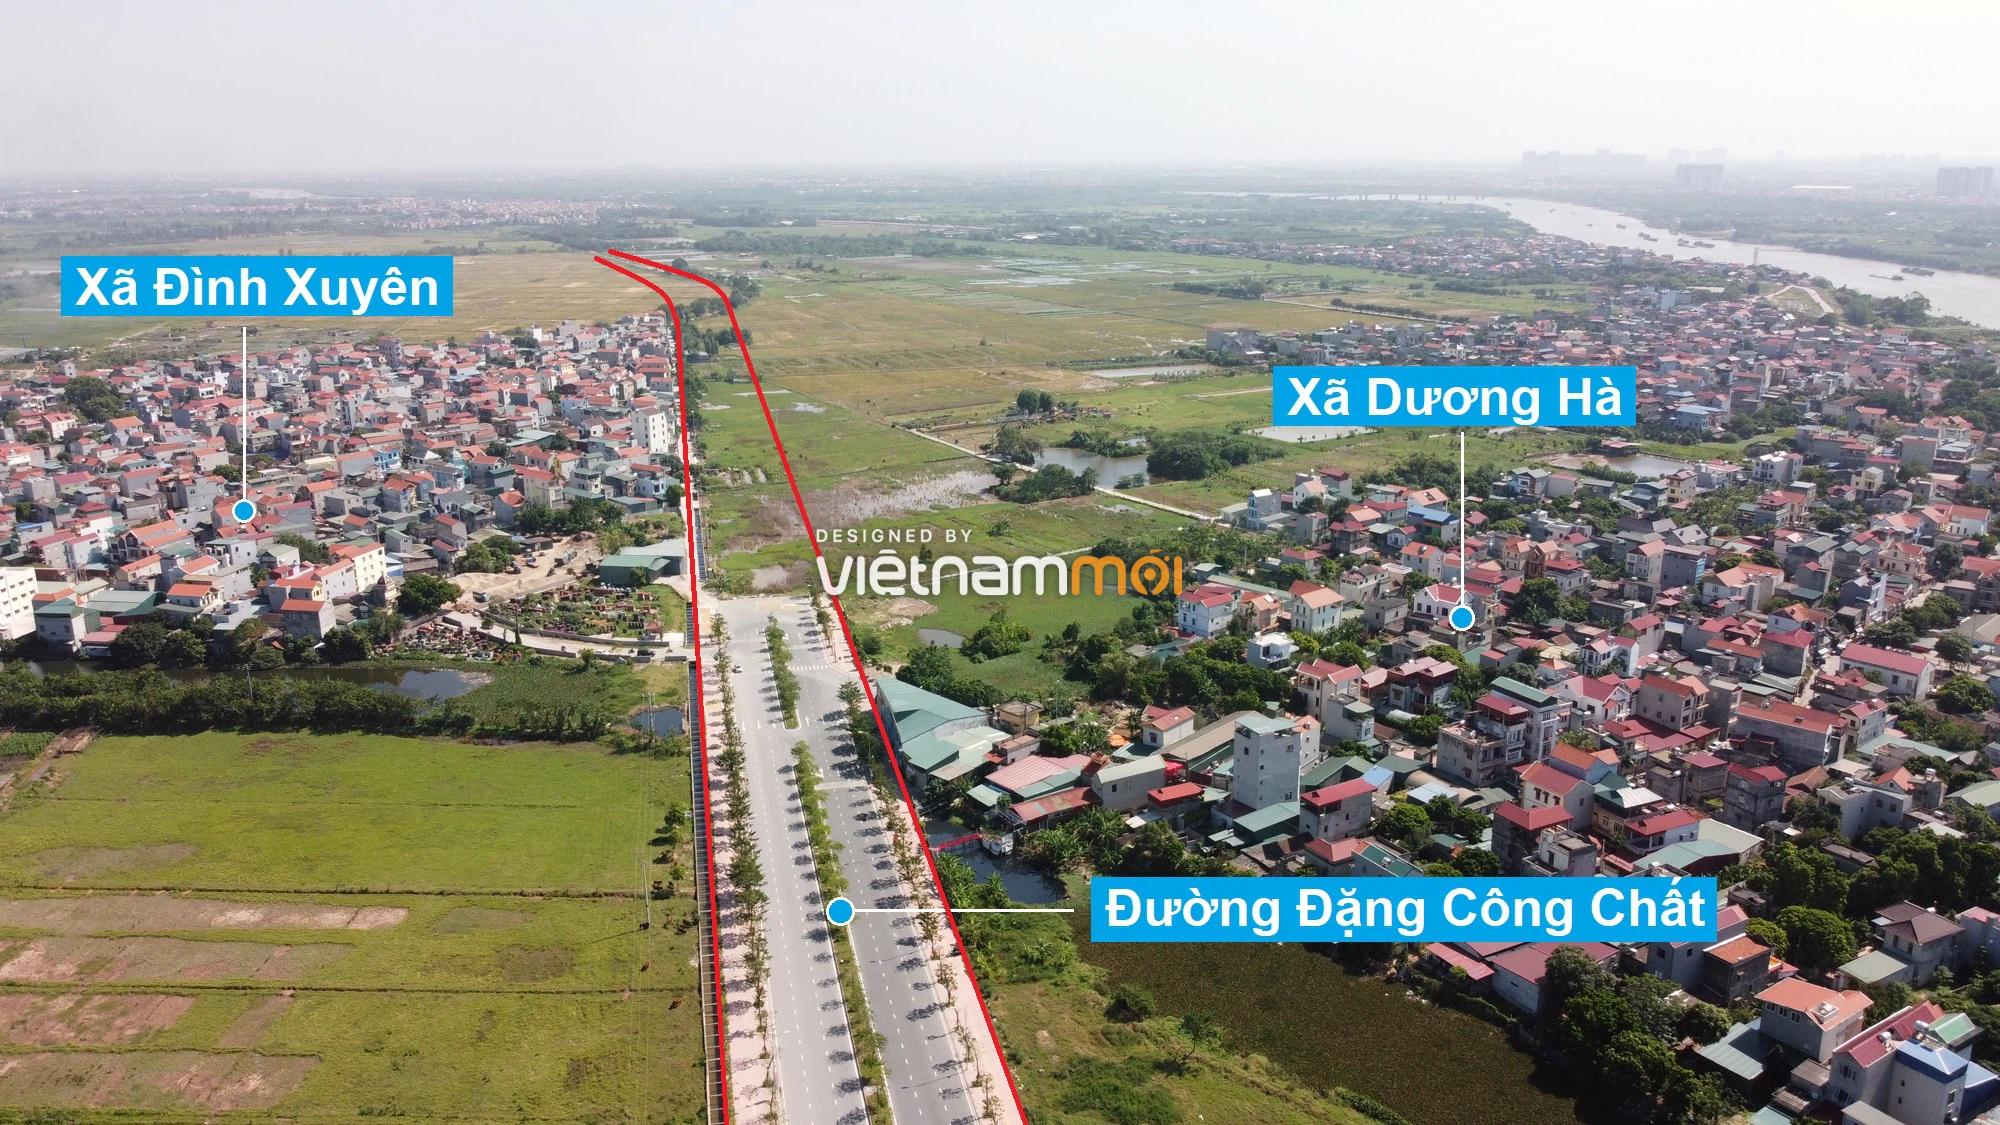 Những khu đất sắp thu hồi để mở đường ở huyện Gia Lâm, Hà Nội (phần 1) - Ảnh 3.